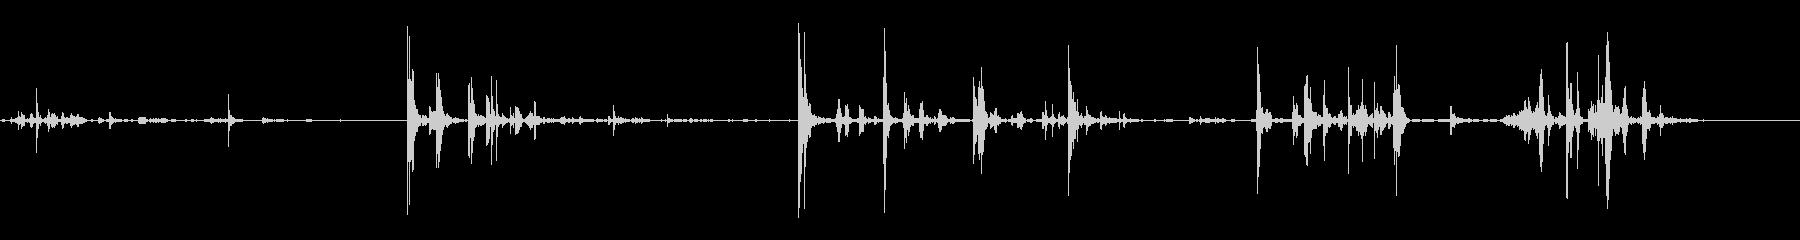 さまざまなロックのヒットとタンブルの未再生の波形